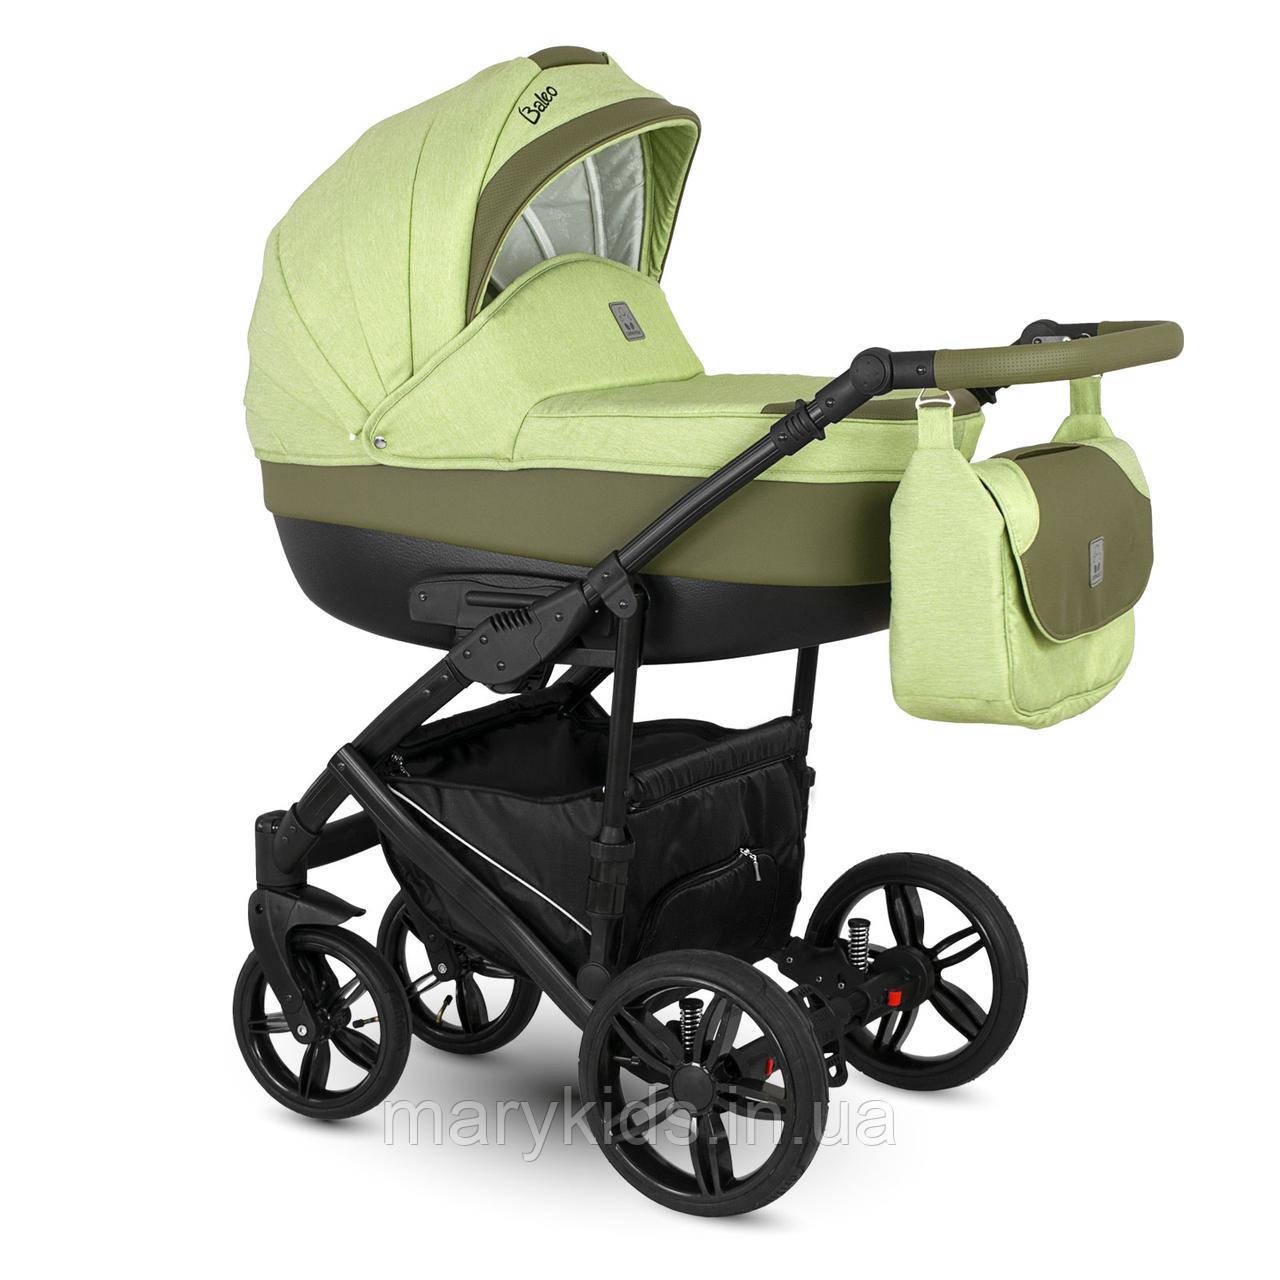 Детская универсальная коляска 2 в 1  Camarelo Baleo Ba-4